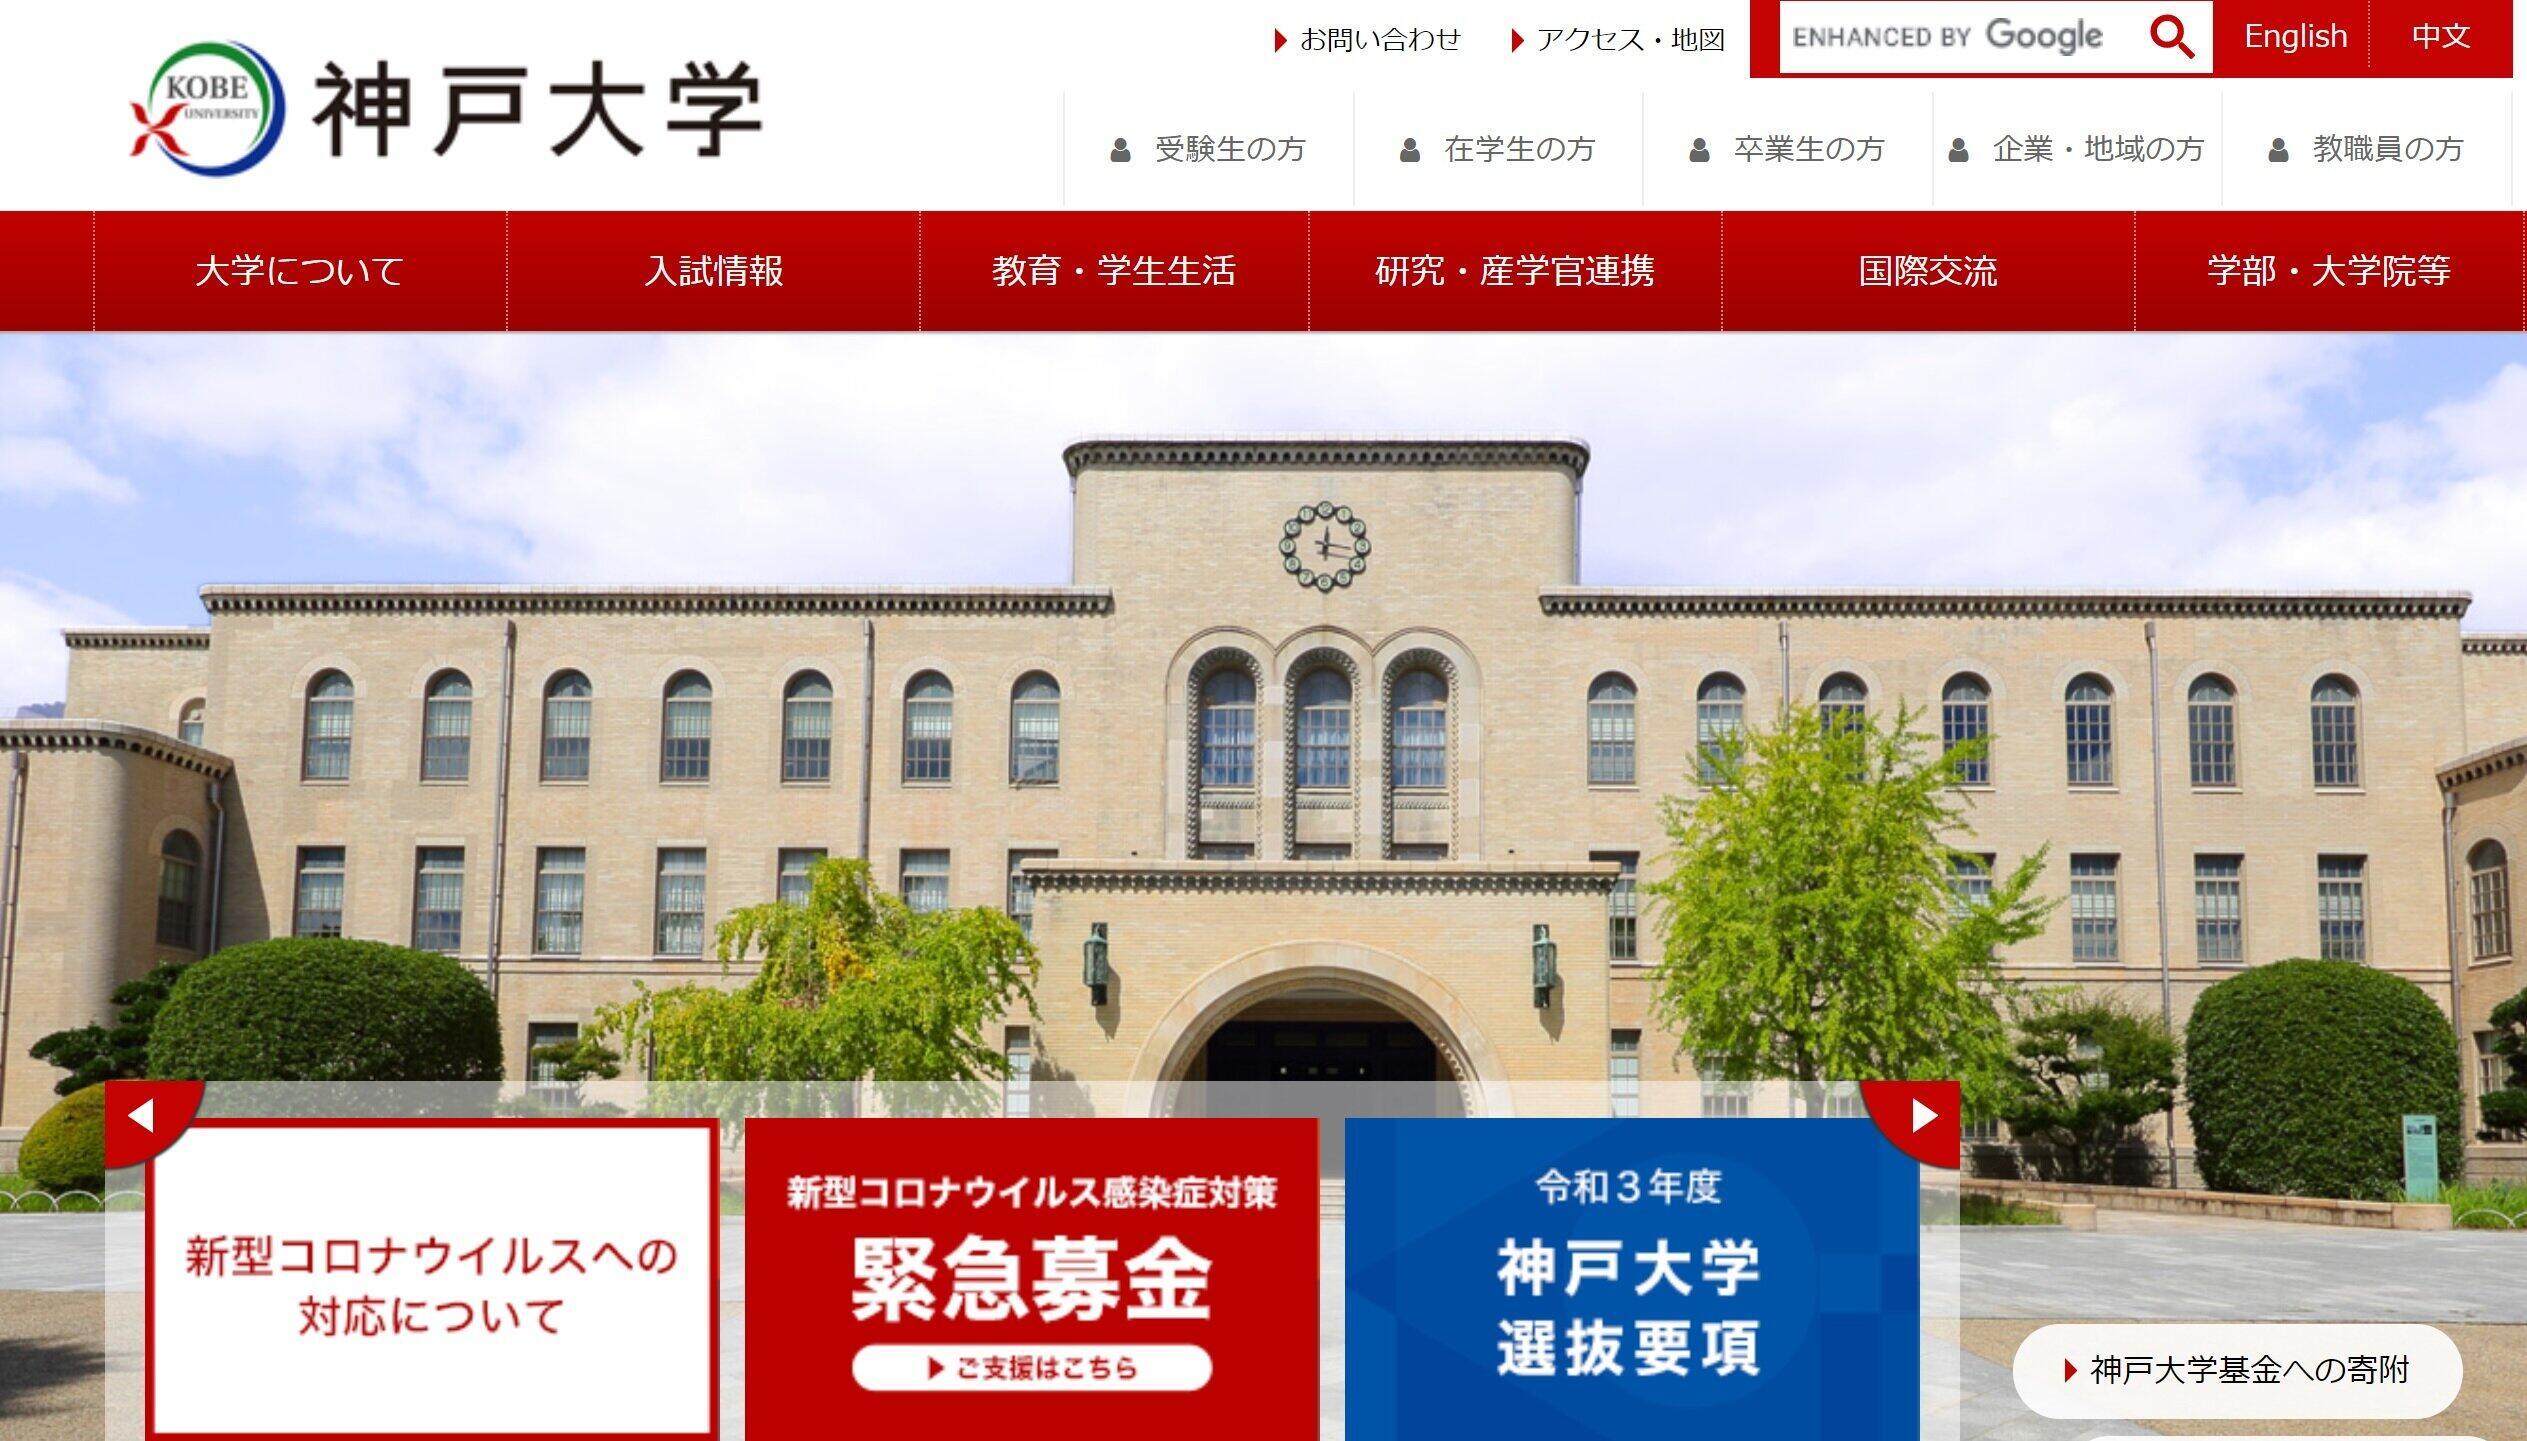 大学院教授が学生にレーザーポインター照射か 神戸大が調査委設置へ